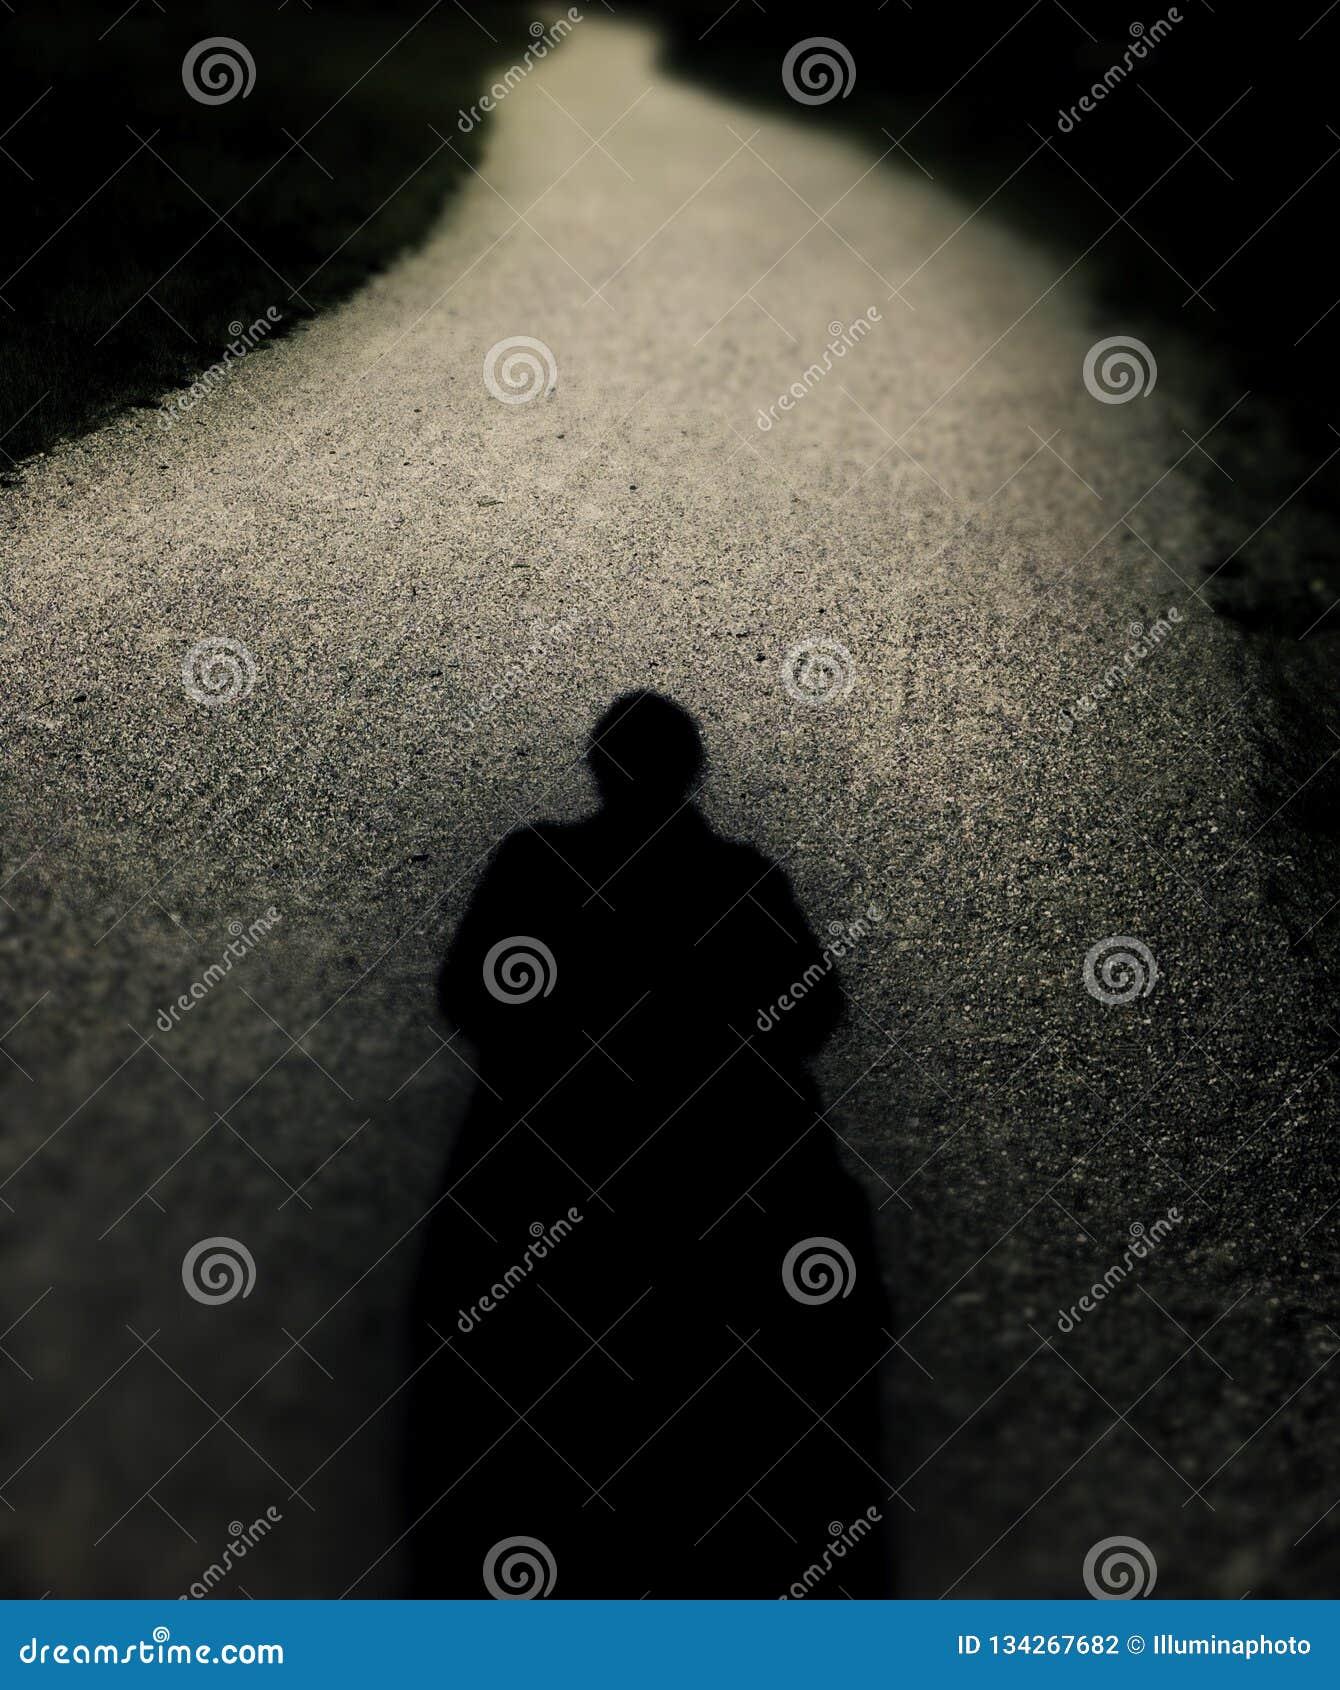 Silueta solitaria espeluznante en la trayectoria de enrrollamiento larga